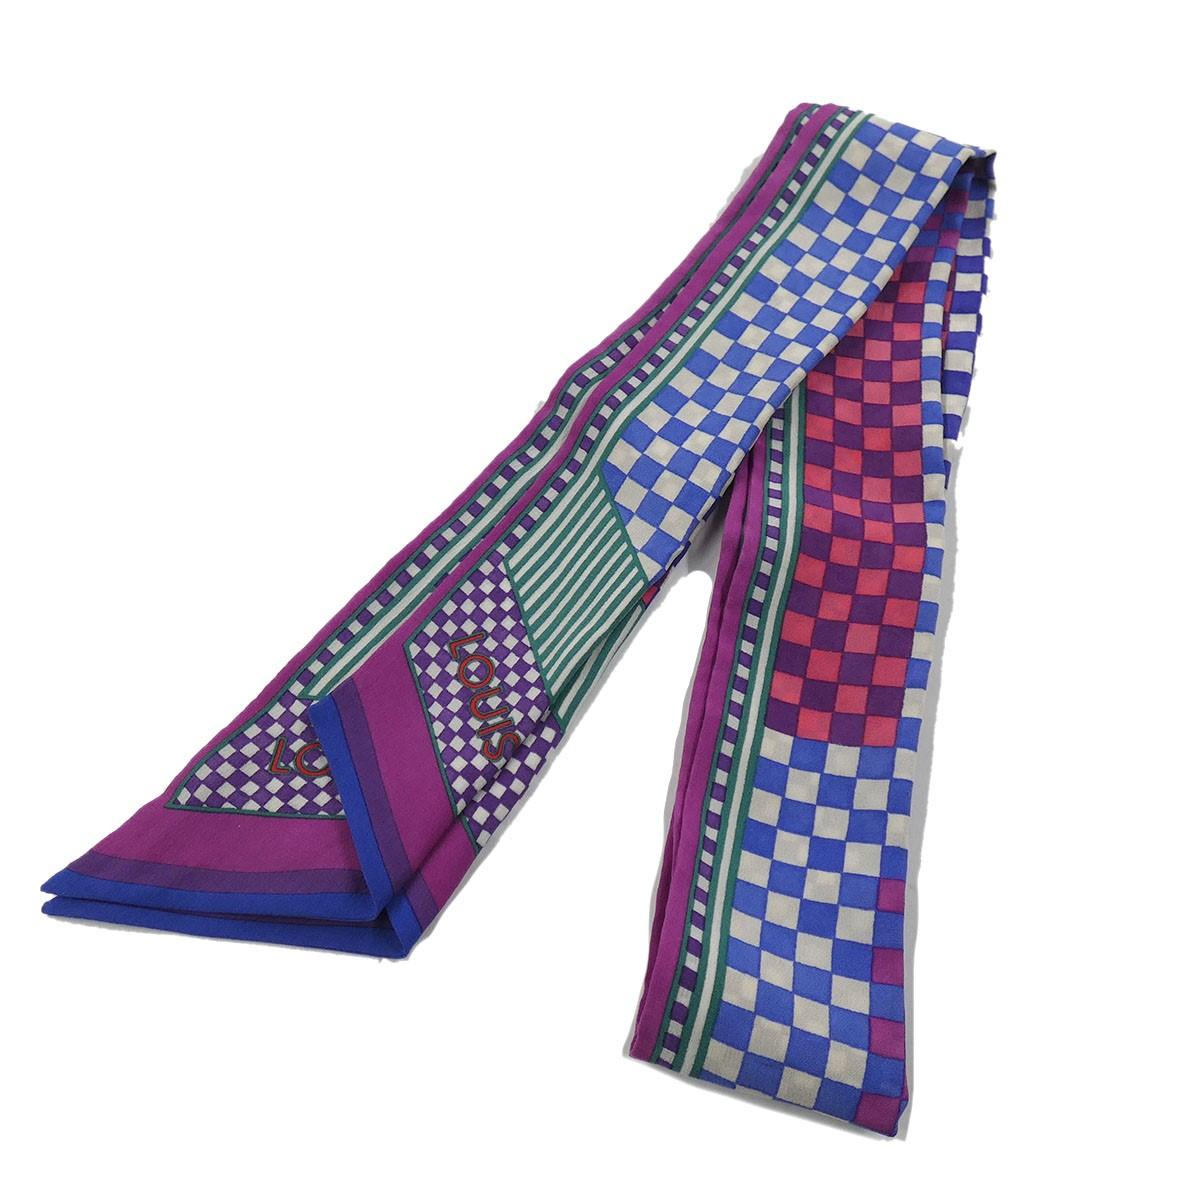 ルイヴィトン 中古 蔵 LOUIS VUITTON バンドー ダミエ 200121 サイズ:- パープル アクアレルシルク 開店祝い スカーフ